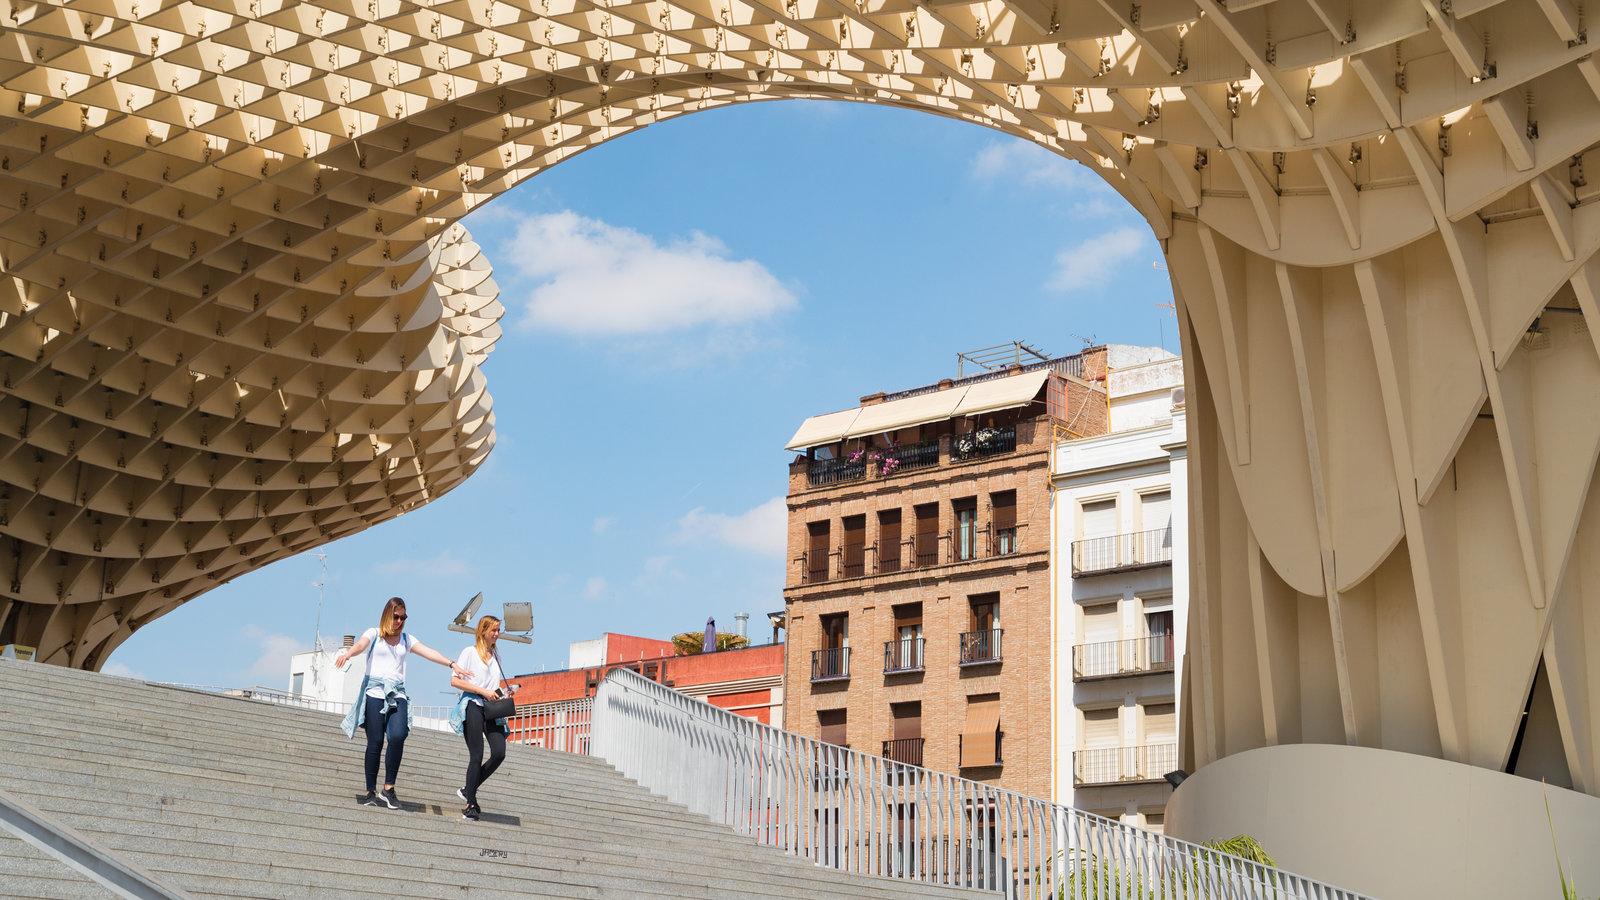 Metropol Parasol mostrando escenas urbanas y arquitectura moderna y también una pareja